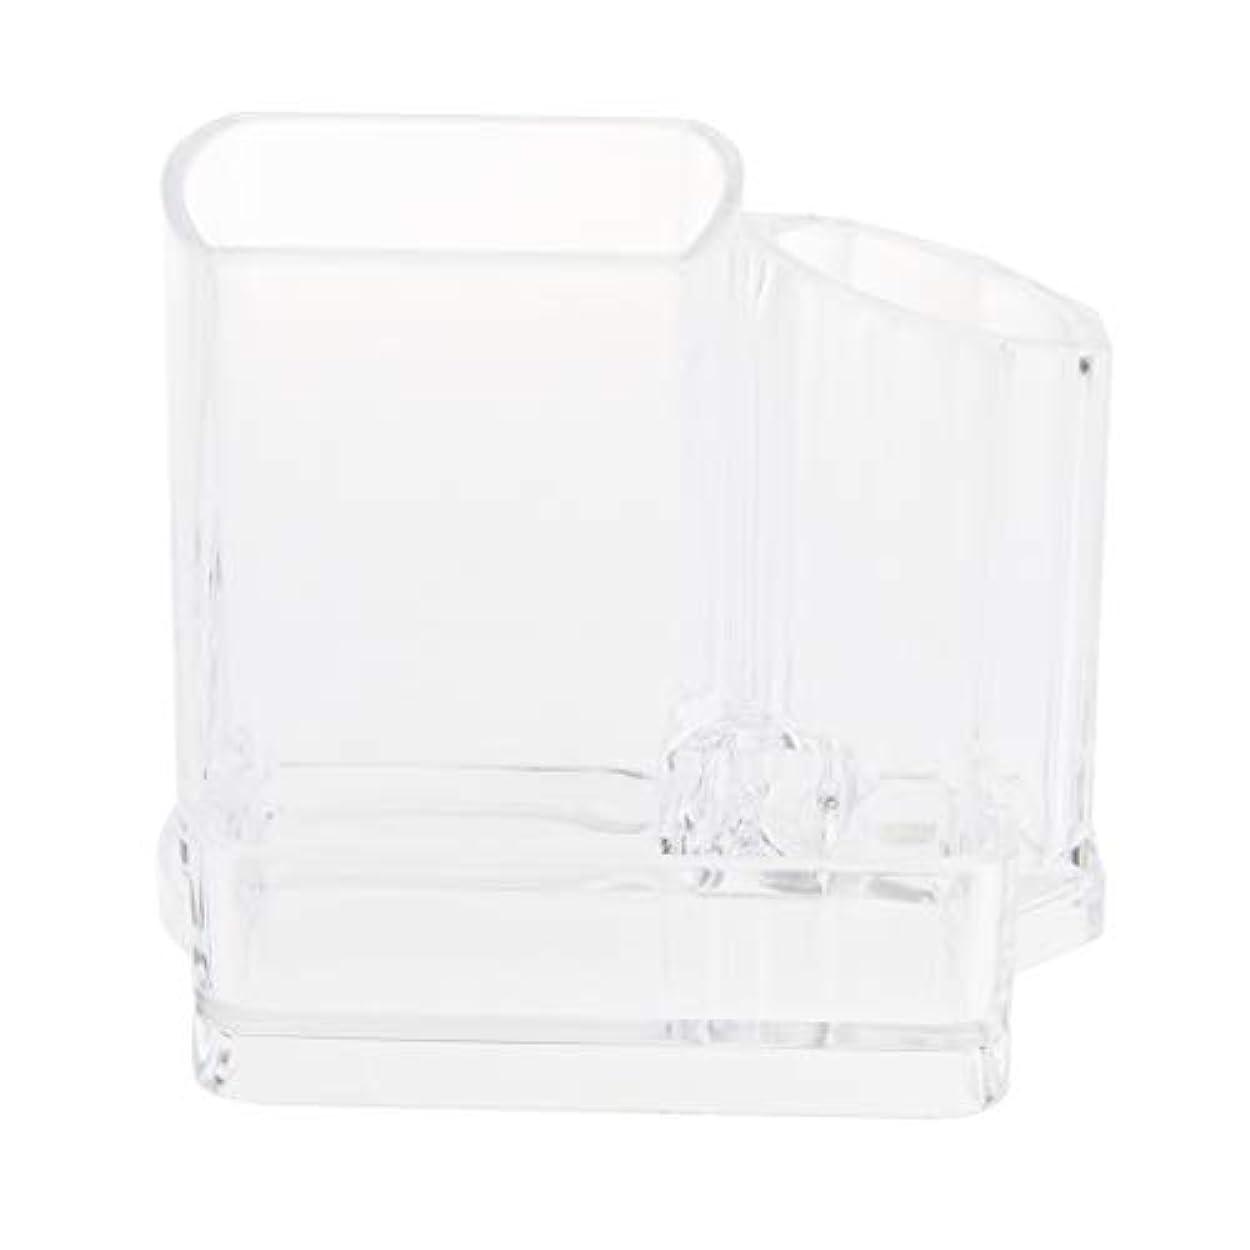 イヤホンリブブレースD DOLITY メイクアップブラシホルダー アクリル クリア 化粧品オーガナイザー 3スロット